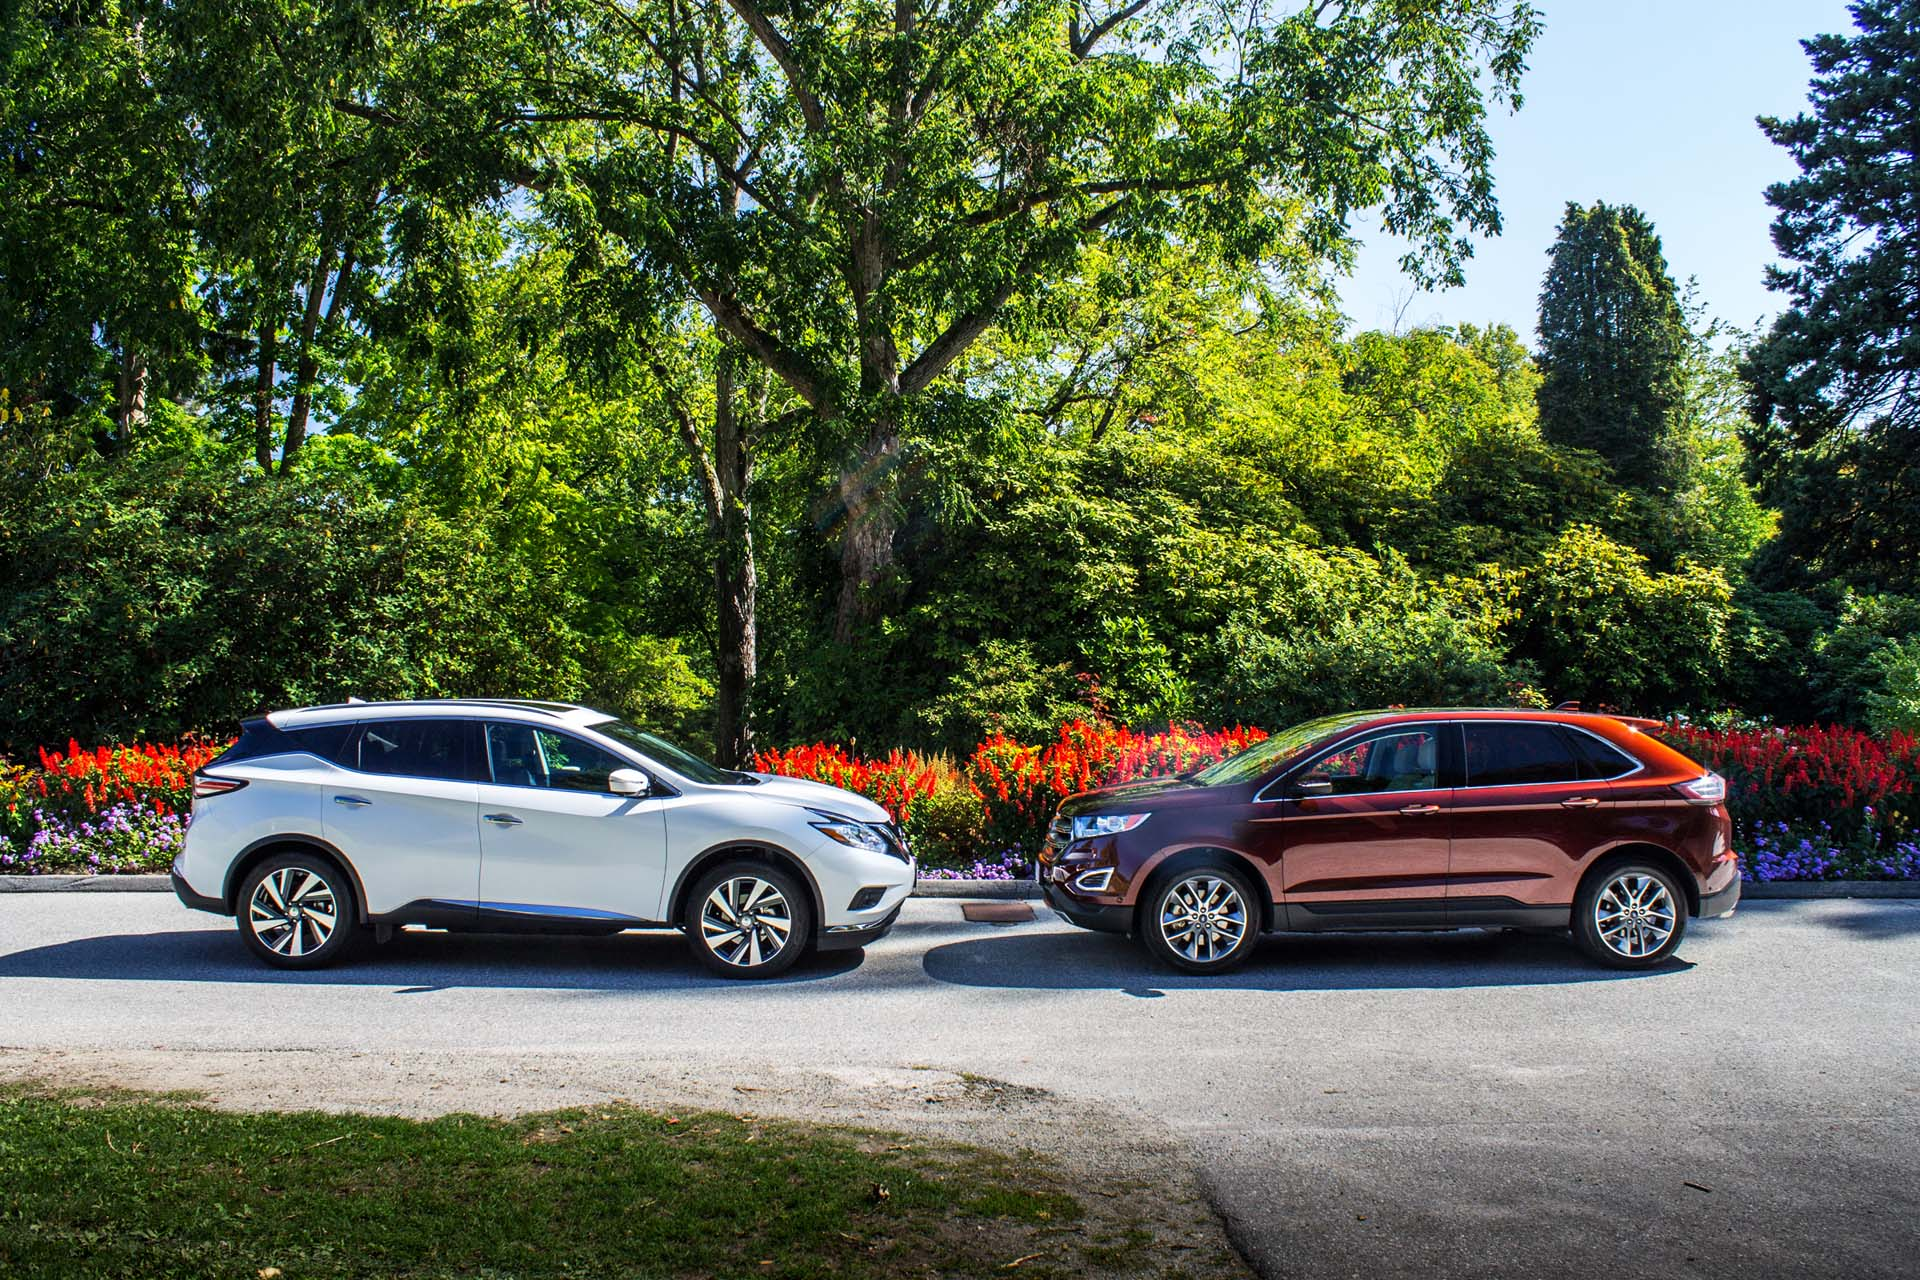 Ford Edge Titanium Vs Nissan Murano Platinum